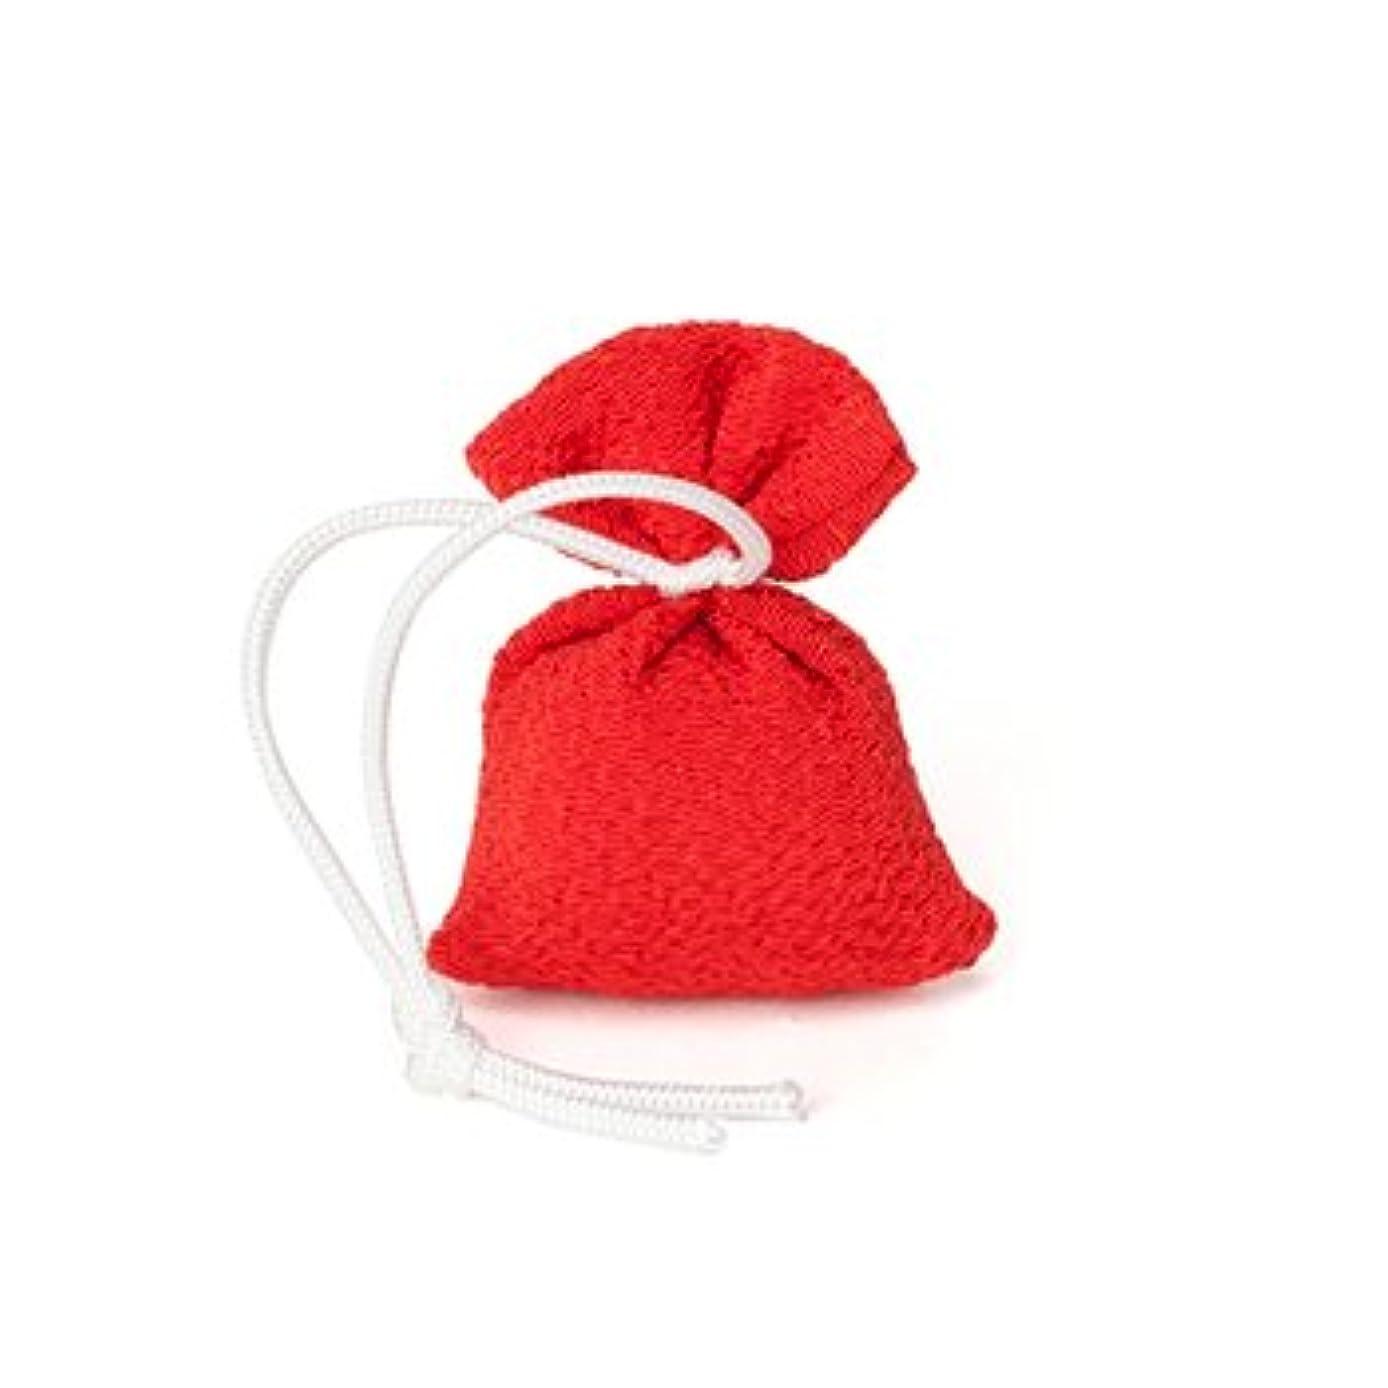 戸惑う強打病的松栄堂 匂い袋 誰が袖 携帯用 1個入 ケースなし (色をお選びください) (赤)